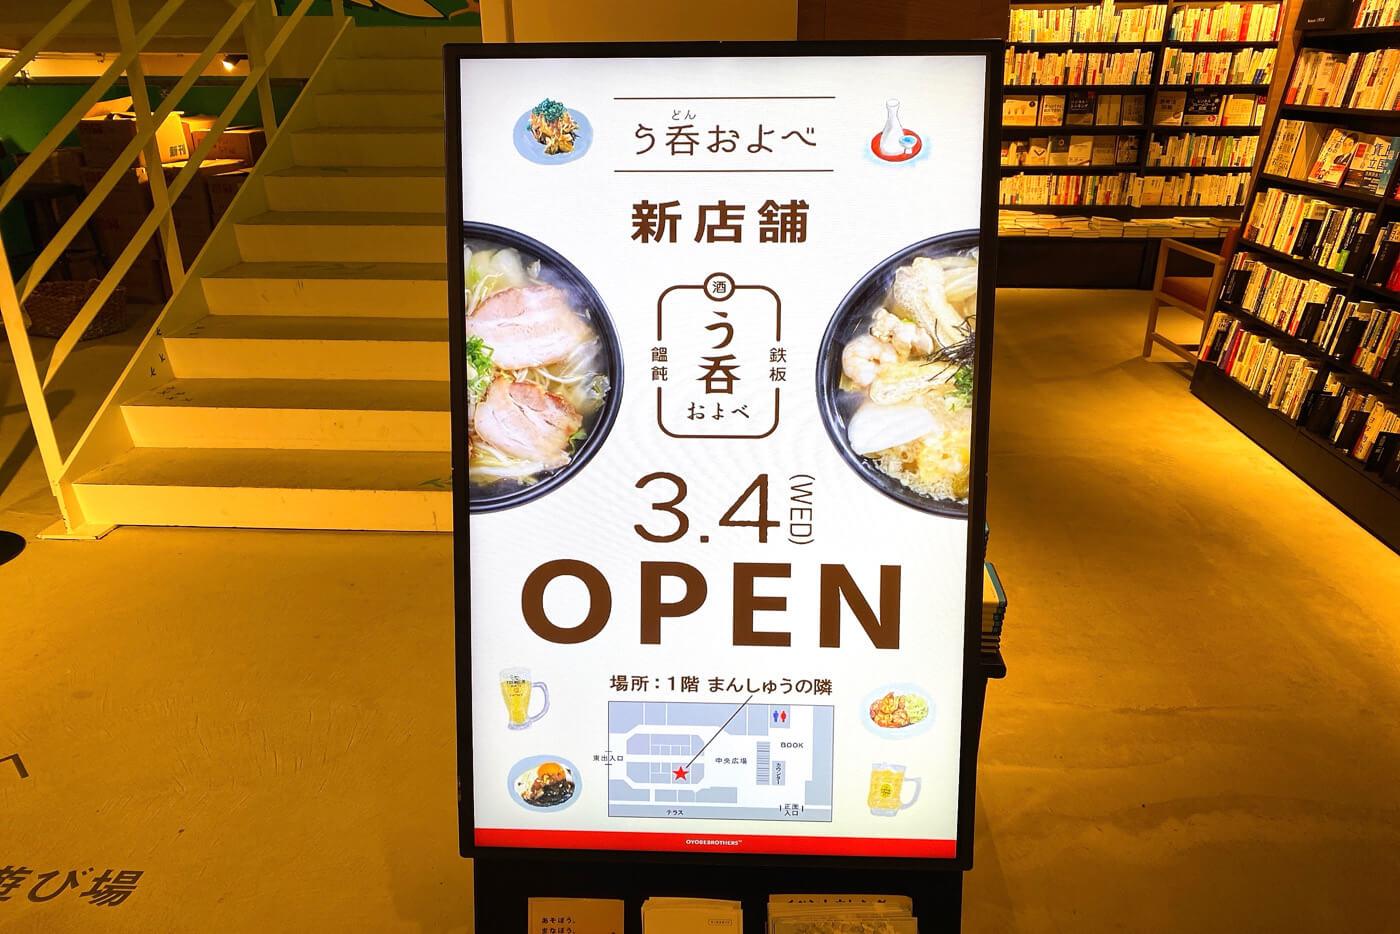 うどんおよべ高知蔦屋書店内の掲示された新店オープン告知